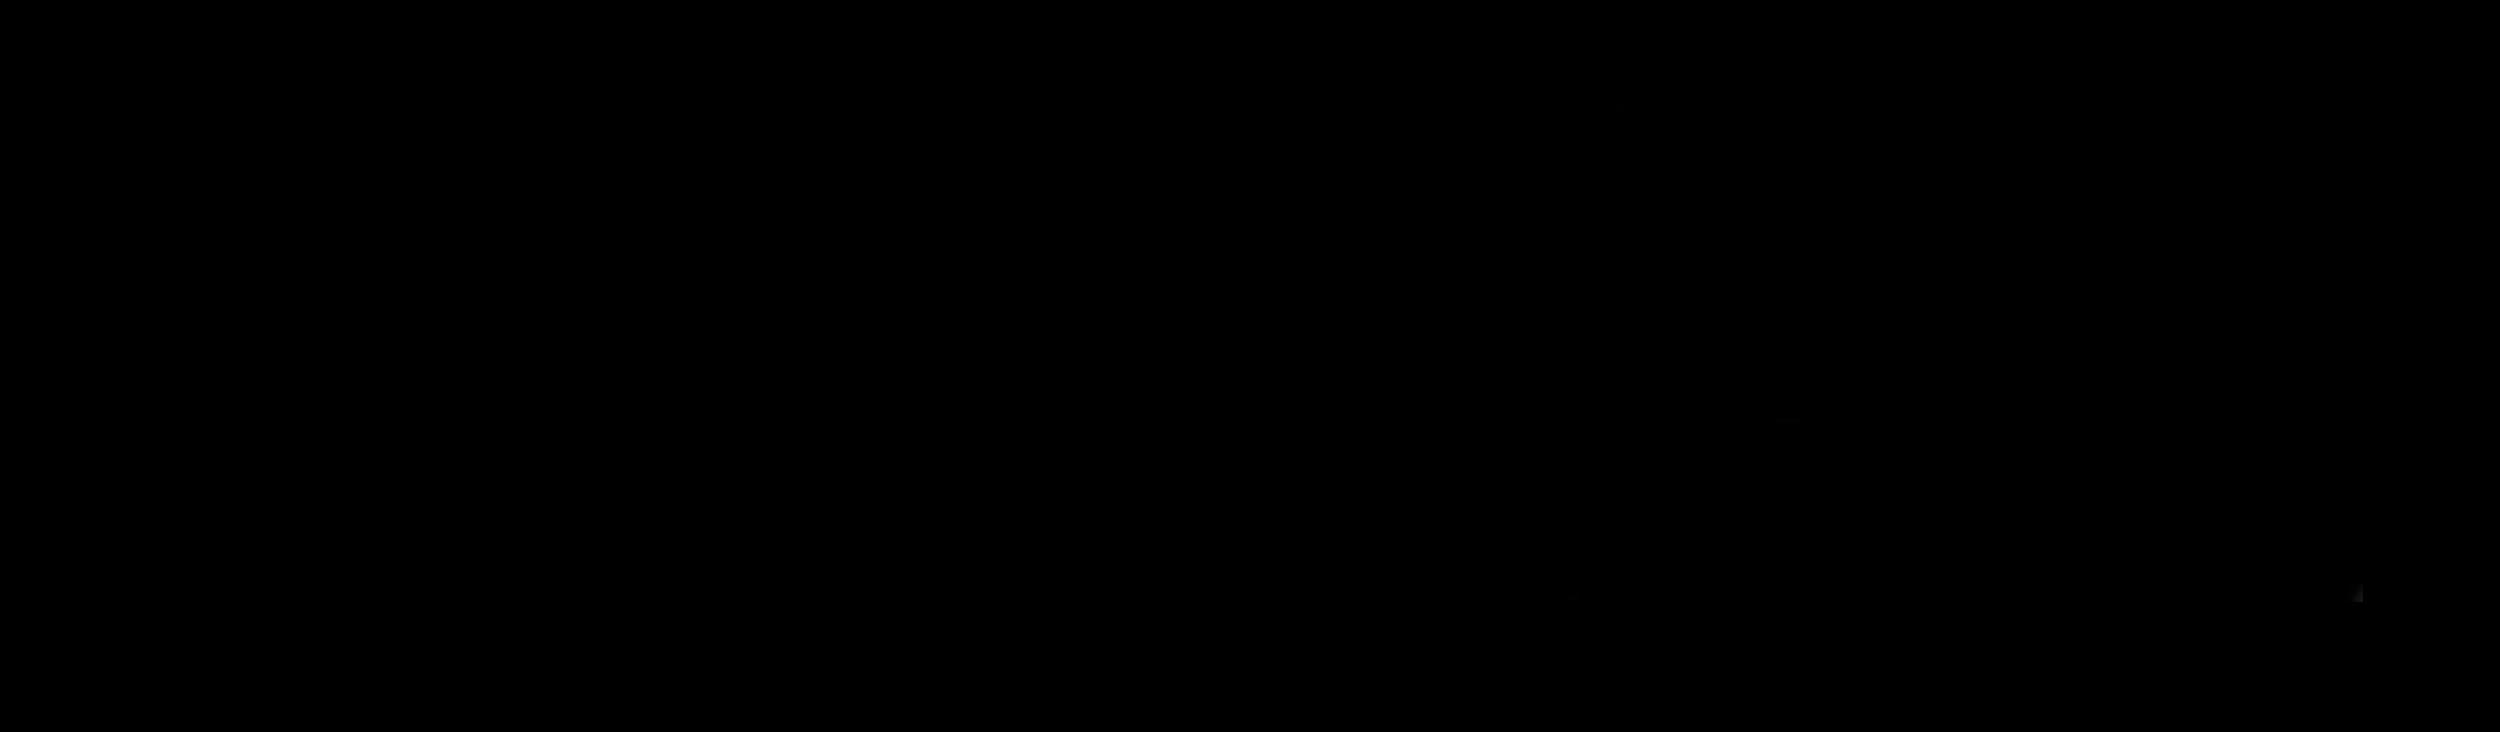 sponsor-wcm-logo_black.png